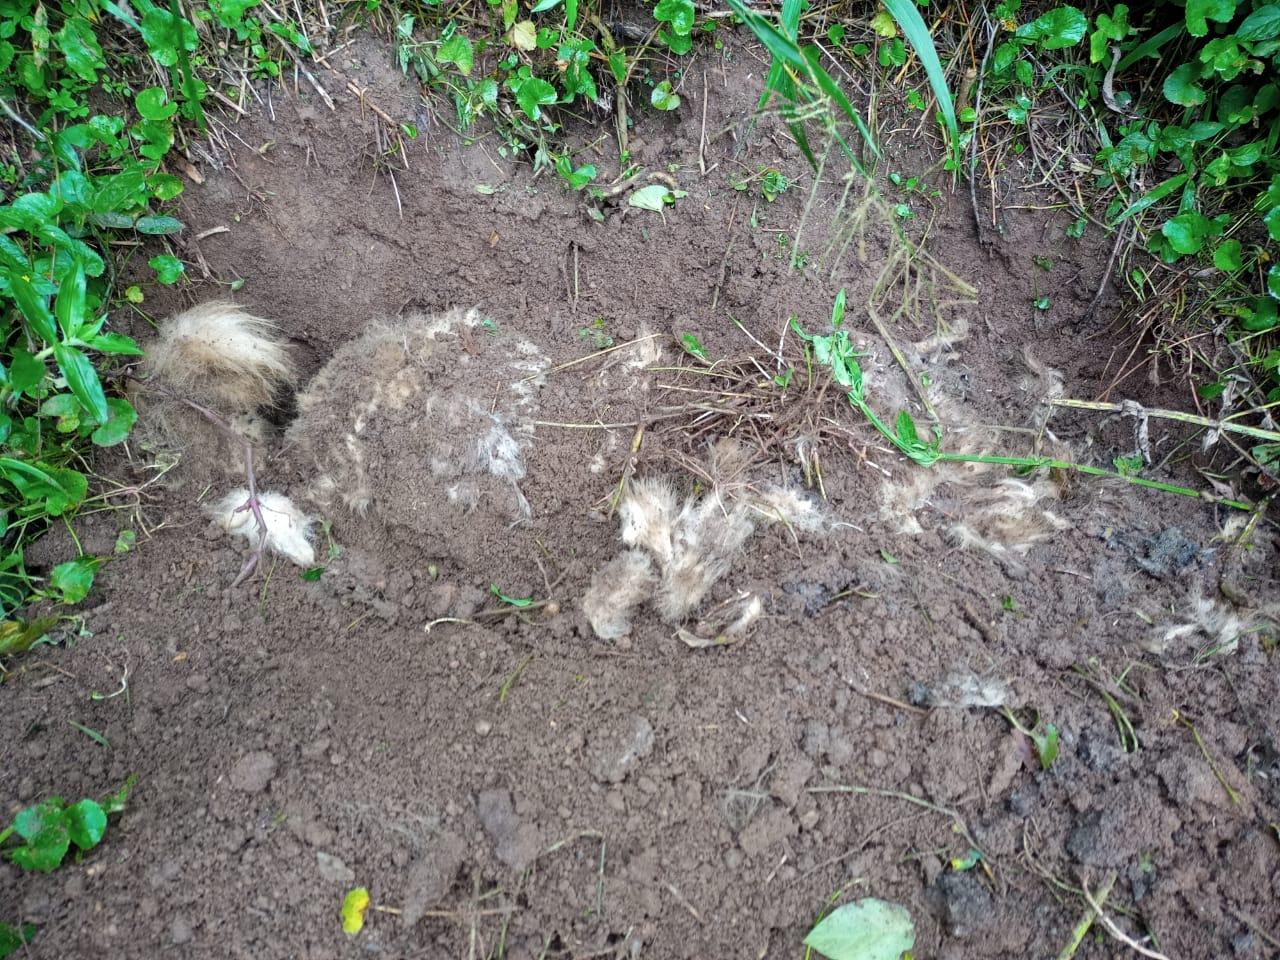 Cão enterrado em cova rasa no sítio em Cardinot (Fotos de leitores)